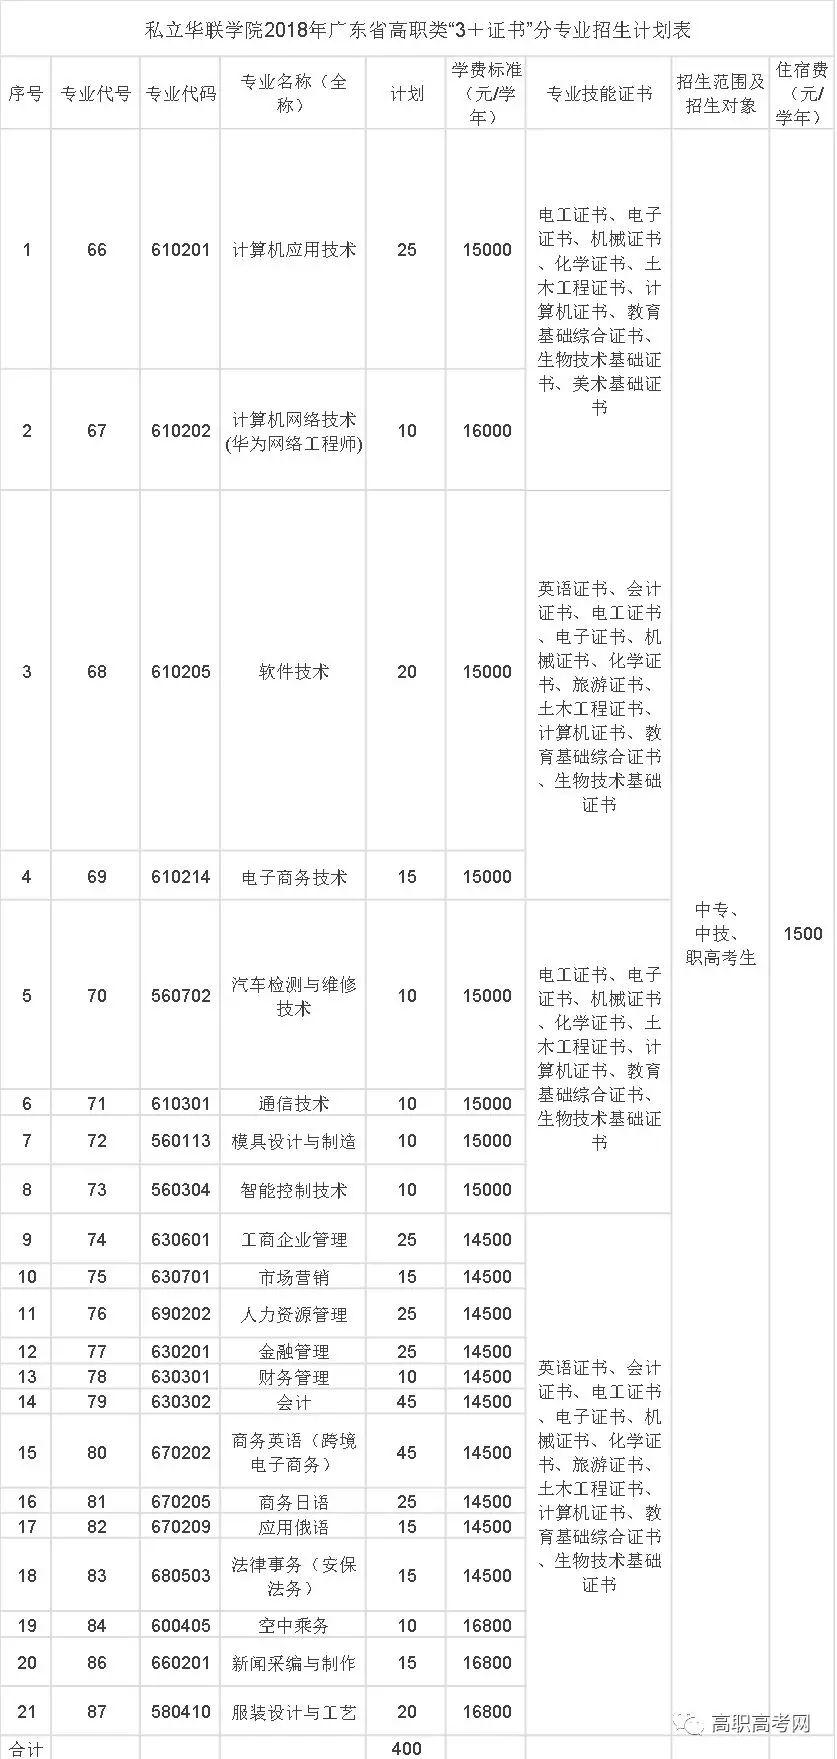 """私立华联学院2018年广东省高职类""""3+证书""""分专业招生计划表"""